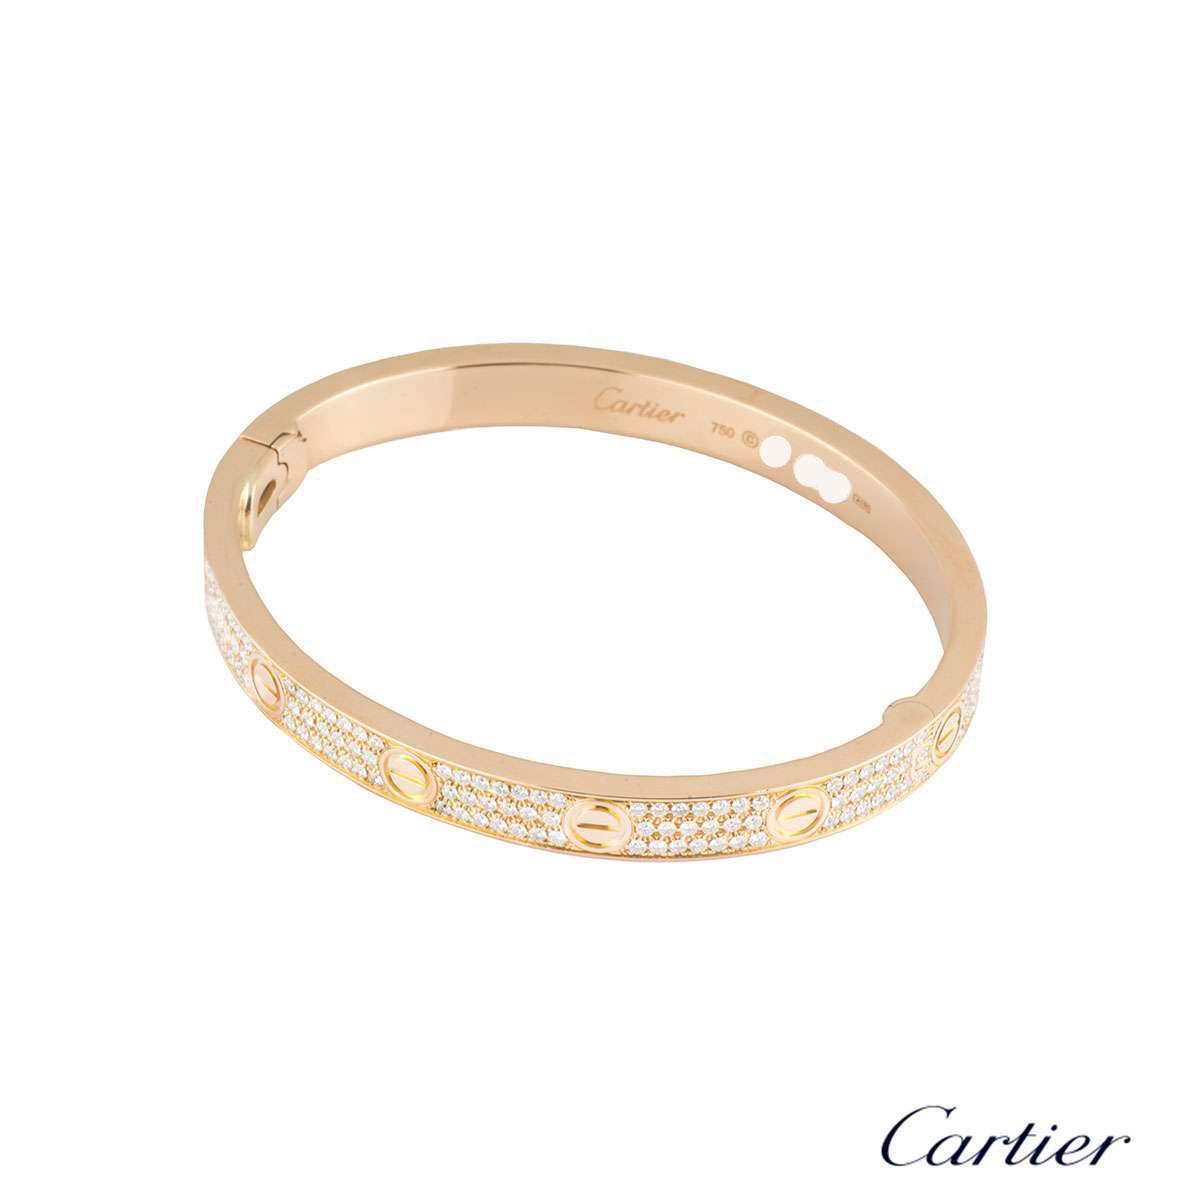 Cartier Infinity Bracelet: Cartier Rose Gold Pave Diamond Love Bracelet Size 17